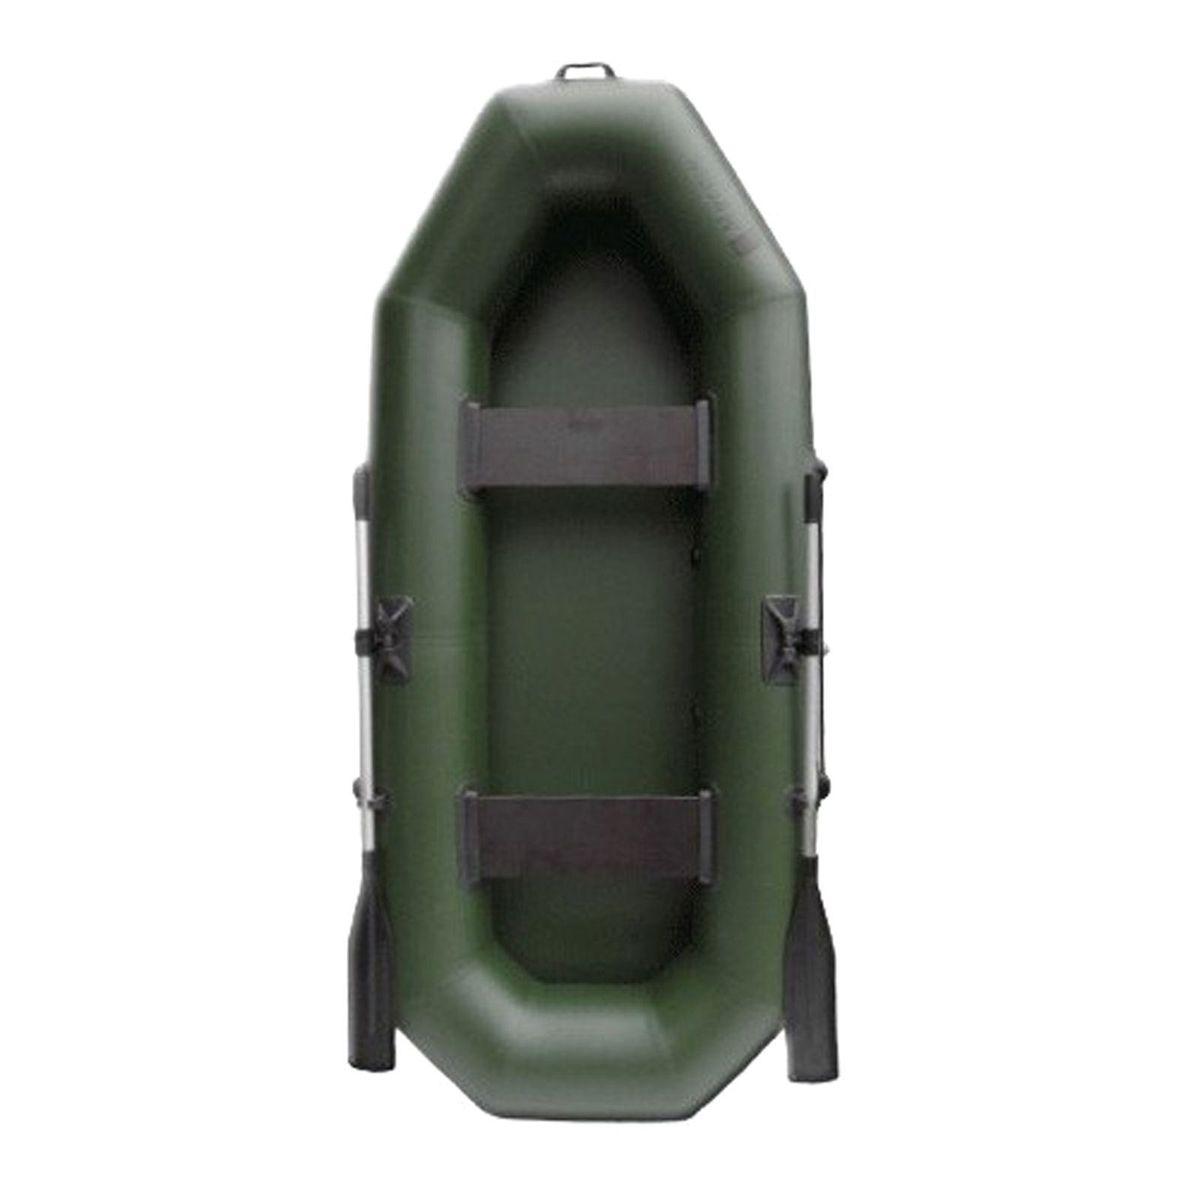 Лодка надувная Муссон S 262, цвет: зеленый1412101«Муссон S 262» — гребная лодка, предназначенная для отдыха, охоты и рыбалки на воде. С ней вы сможете заняться любимым делом в любое время и любую погоду, широкий температурный диапазон даёт возможность эксплуатировать изделие с ранней весны до поздней осени. Вместительность лодки позволяет насладиться активным отдыхом двум людям сразу. Отправляйтесь на рыбалку с другом и разделите радость от улова вместе с ним. Современная модель «Муссон S 262» изготовлена из ПВХ, устойчивого к проколам, порезам и ультрафиолетовым лучам, благодаря чему увеличен срок эксплуатации. Расцветка позволяет быть незамеченным на фоне растительности, а значит, вы не спугнёте свою добычу. Данную модель можно хранить длительное время без каких-либо дополнительных обработок поверхности. В комплекте есть разборные вёсла, которые можно сложить и убрать. С поворотными уключинами на бортах и держателями для вёсел управлять лодкой стало ещё проще. Лодка в сложенном состоянии не займёт много места. Данная особенность...